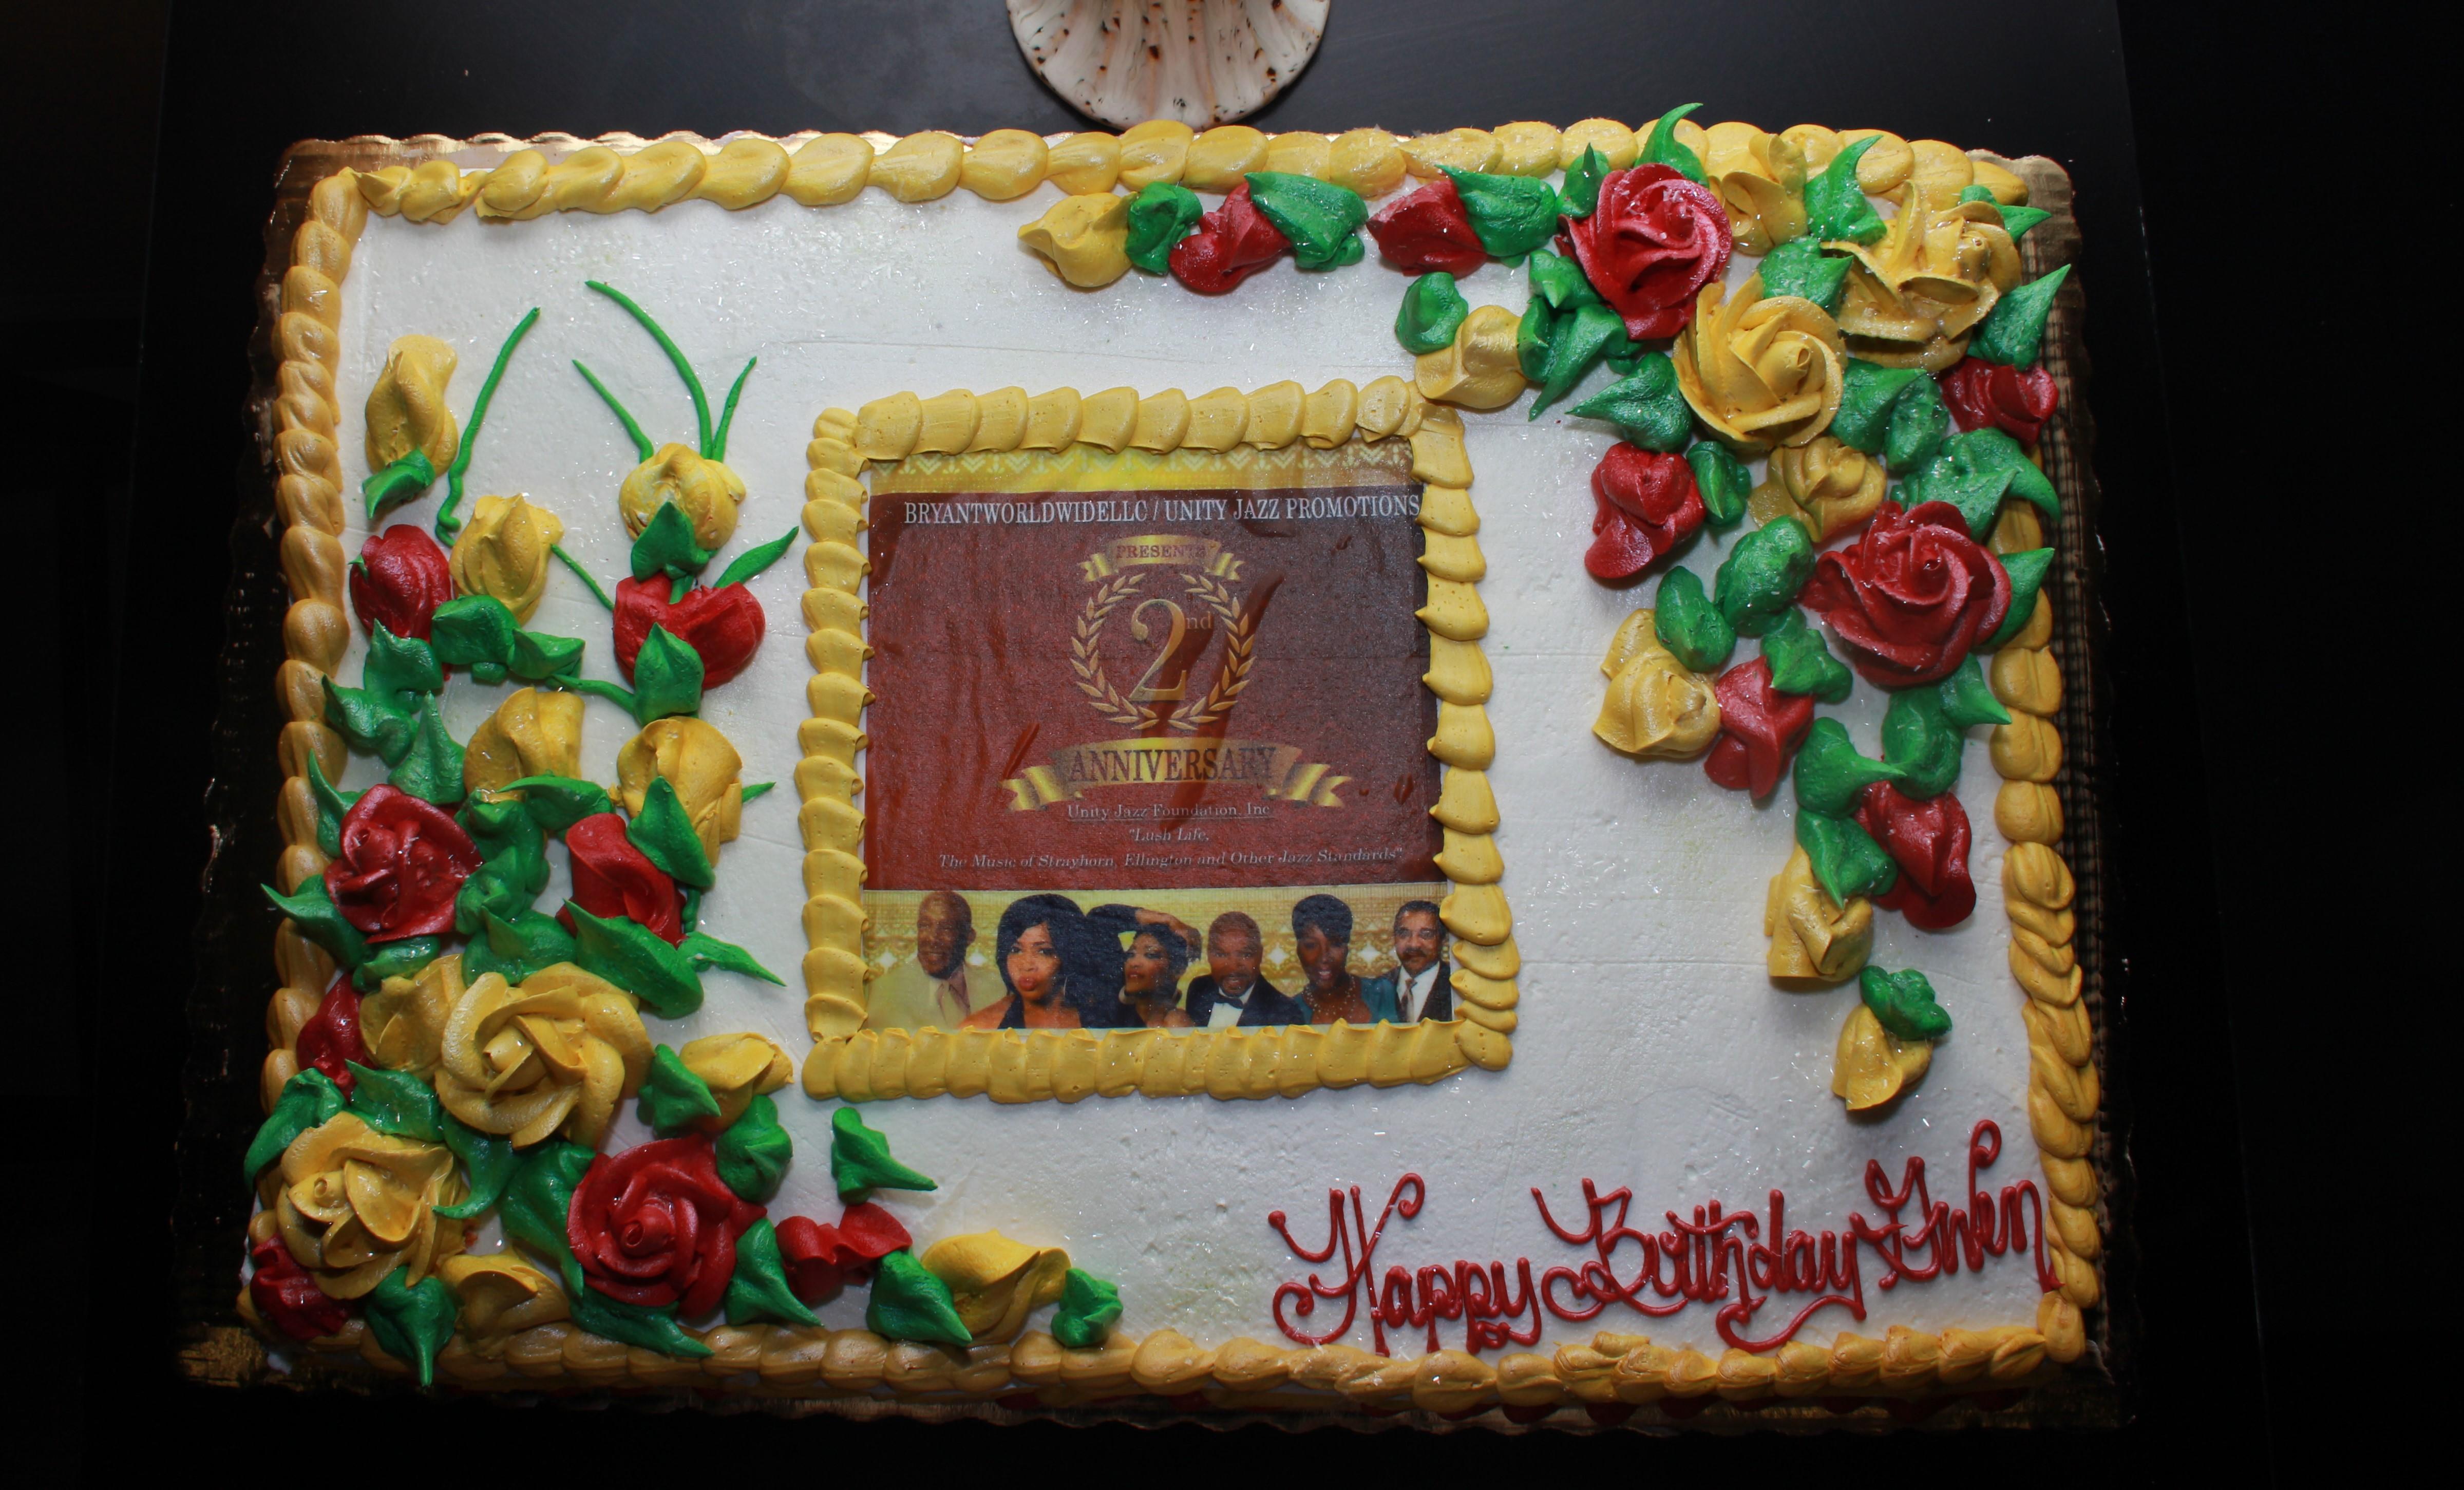 UJF 2nd Anniversary Cake